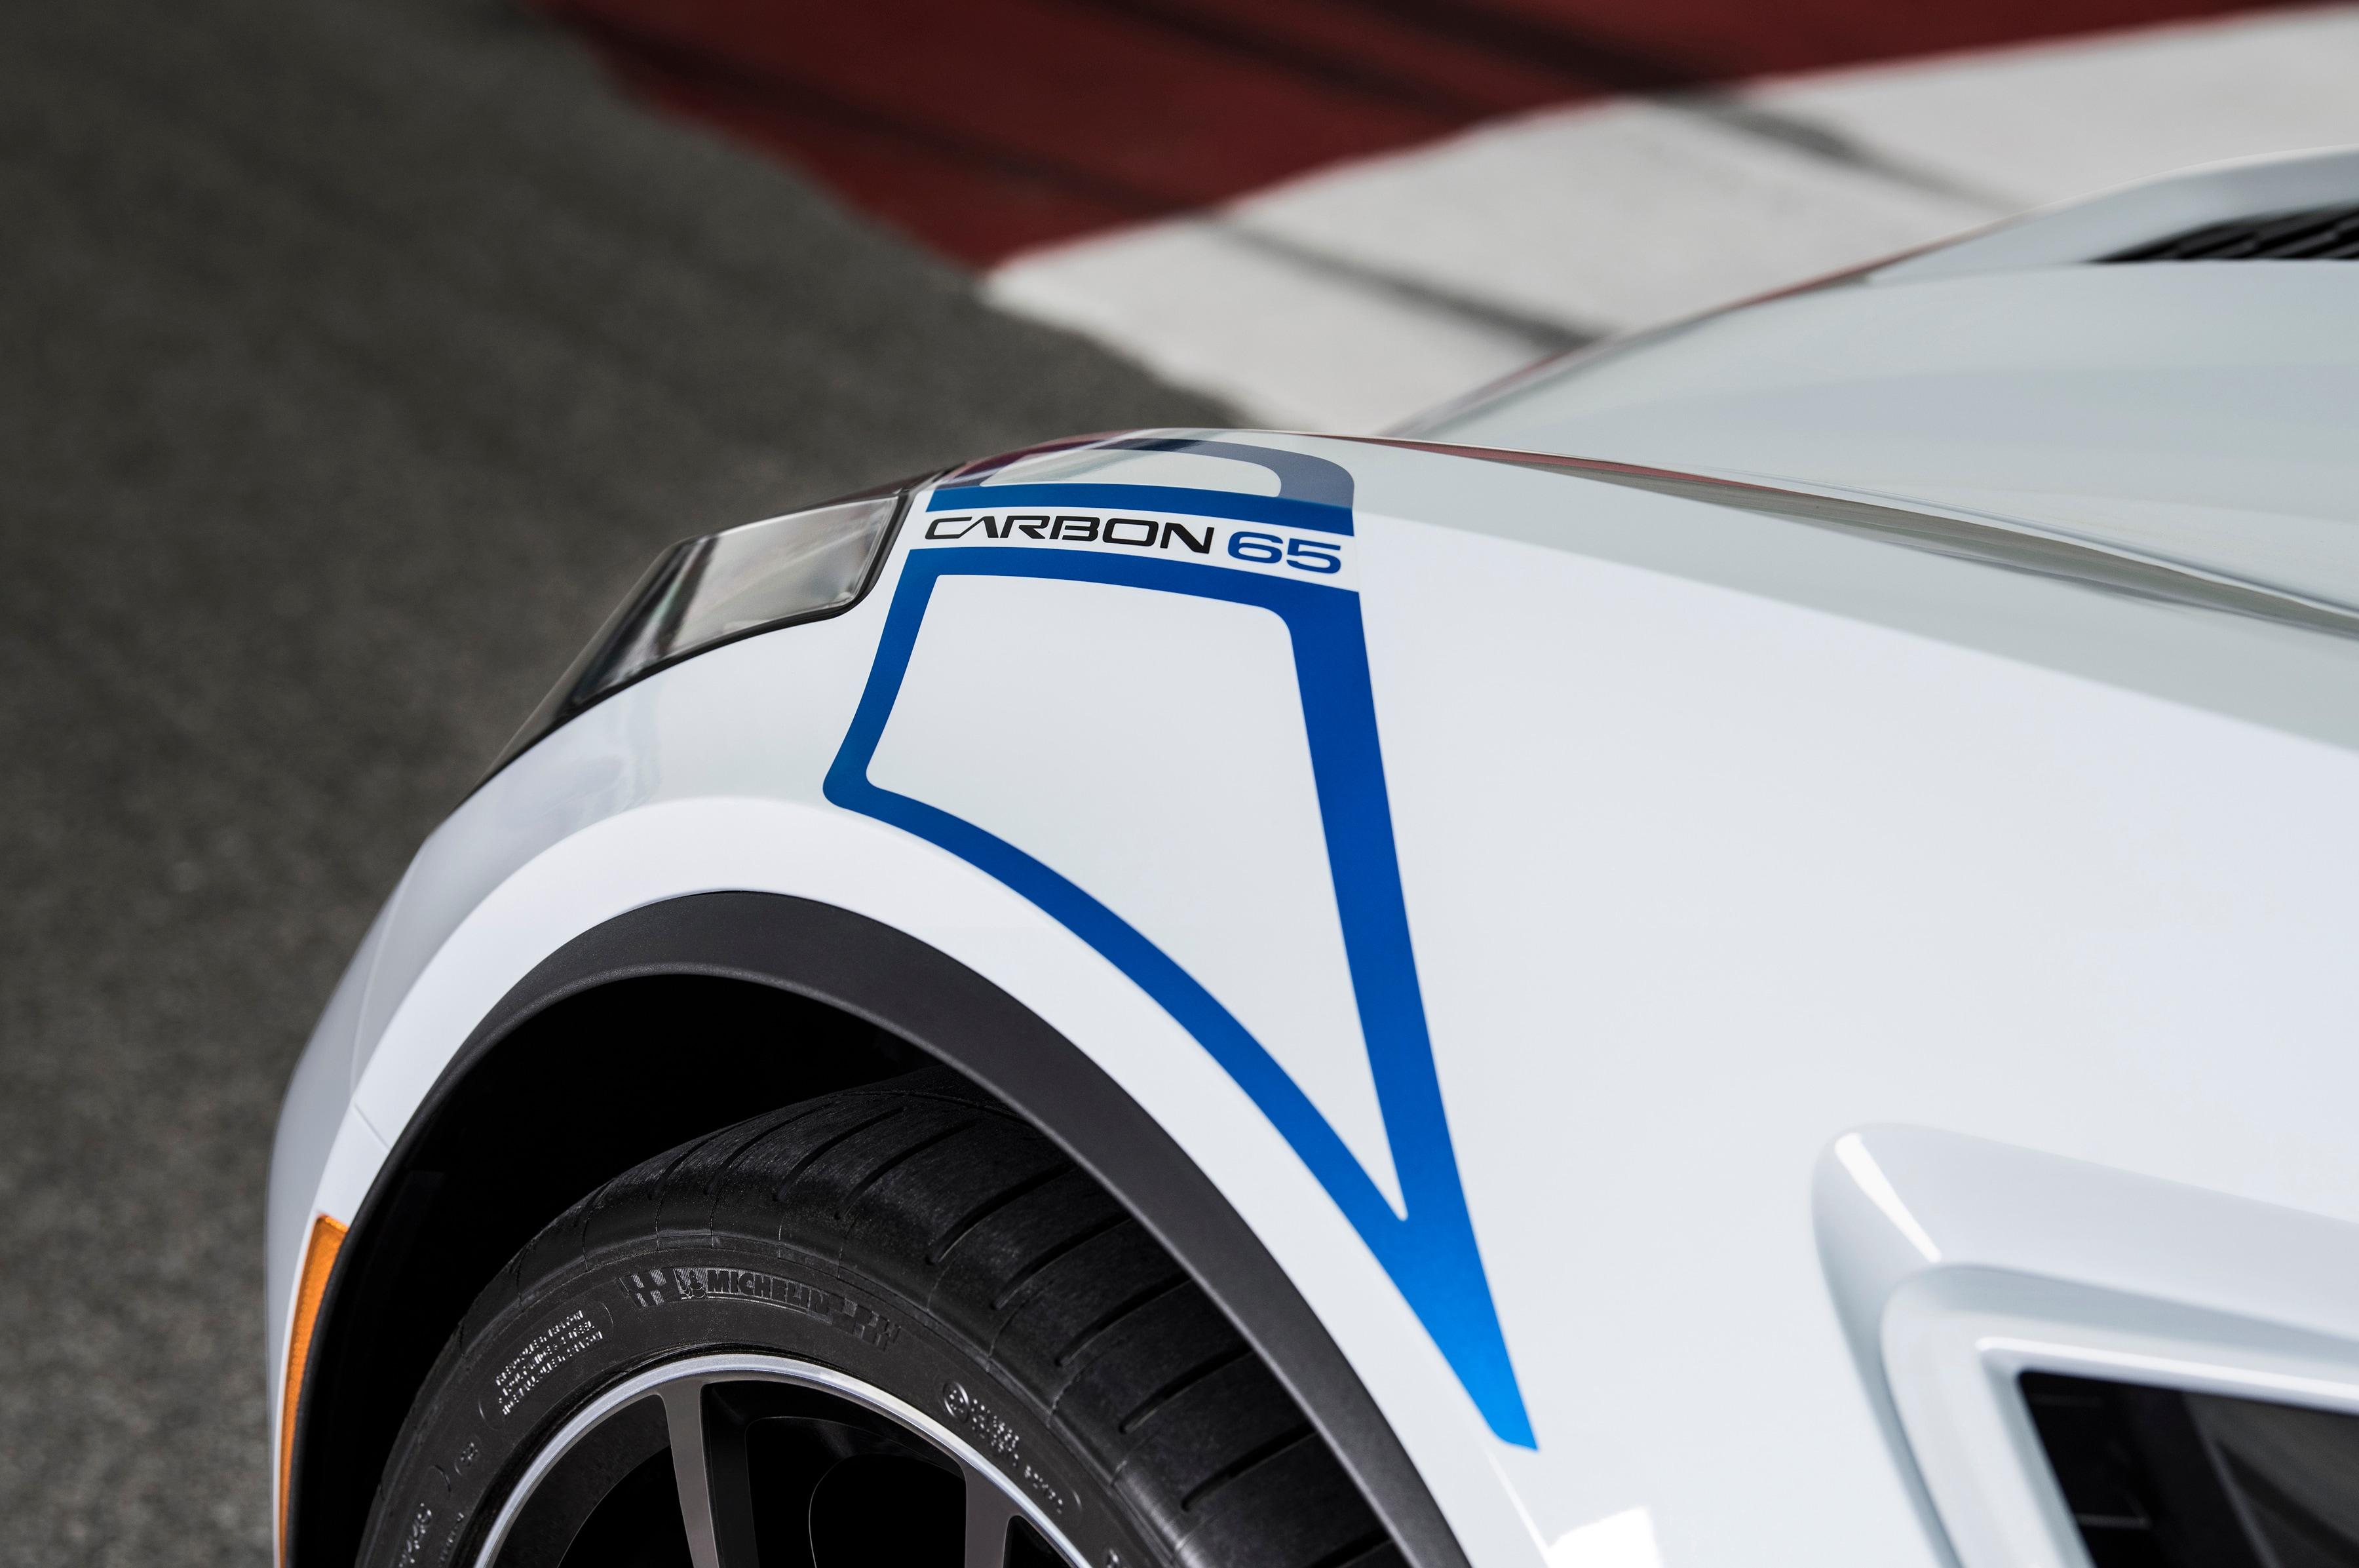 2018 Corvette Carbon 65 Edition wheel detail